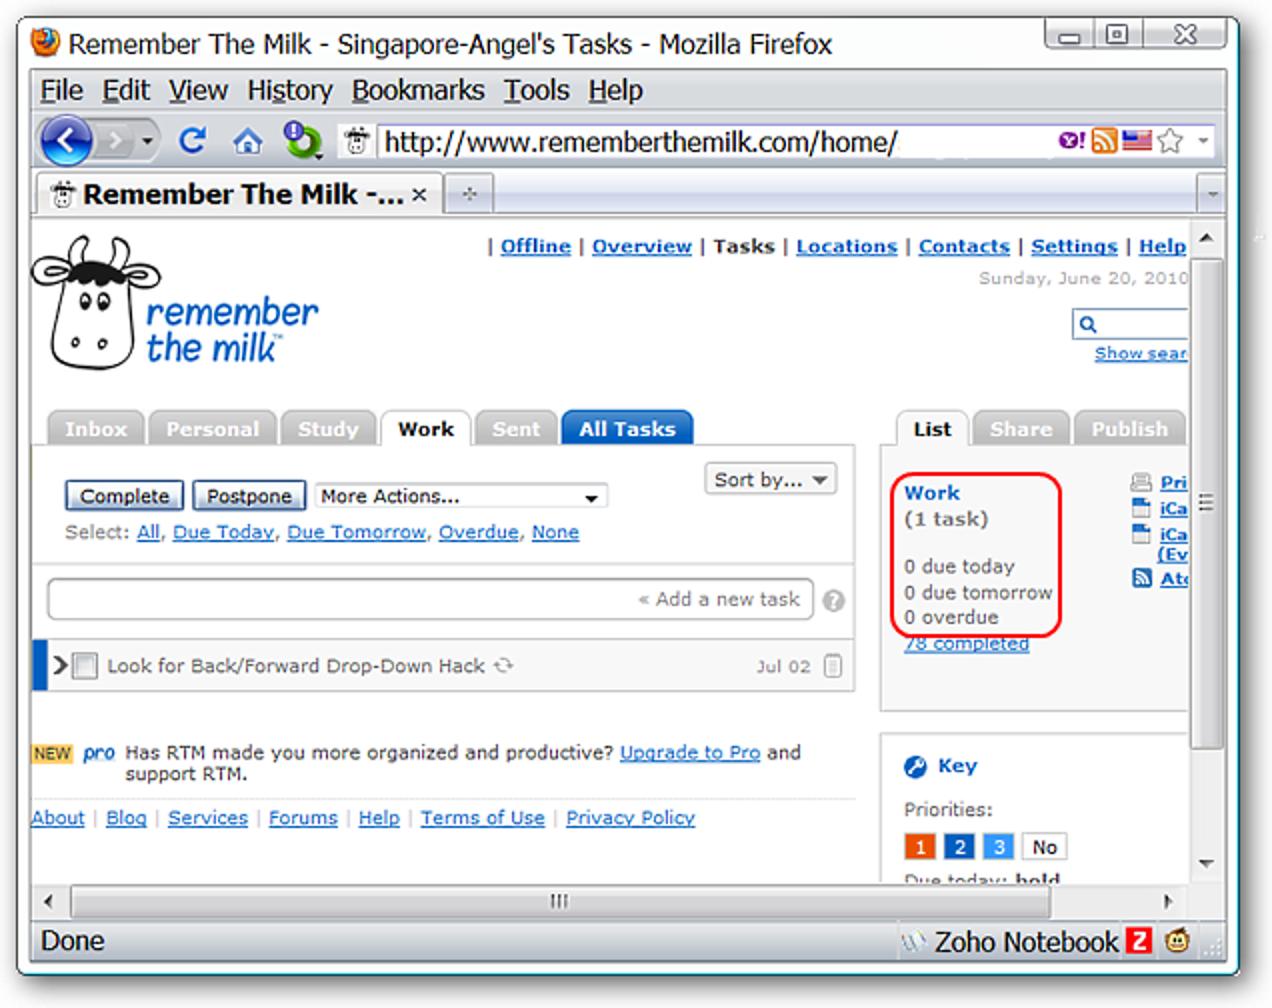 Fügen Sie lustige Grafiken hinzu, um sich an das Milchlogo in Firefox oder Chrome zu erinnern